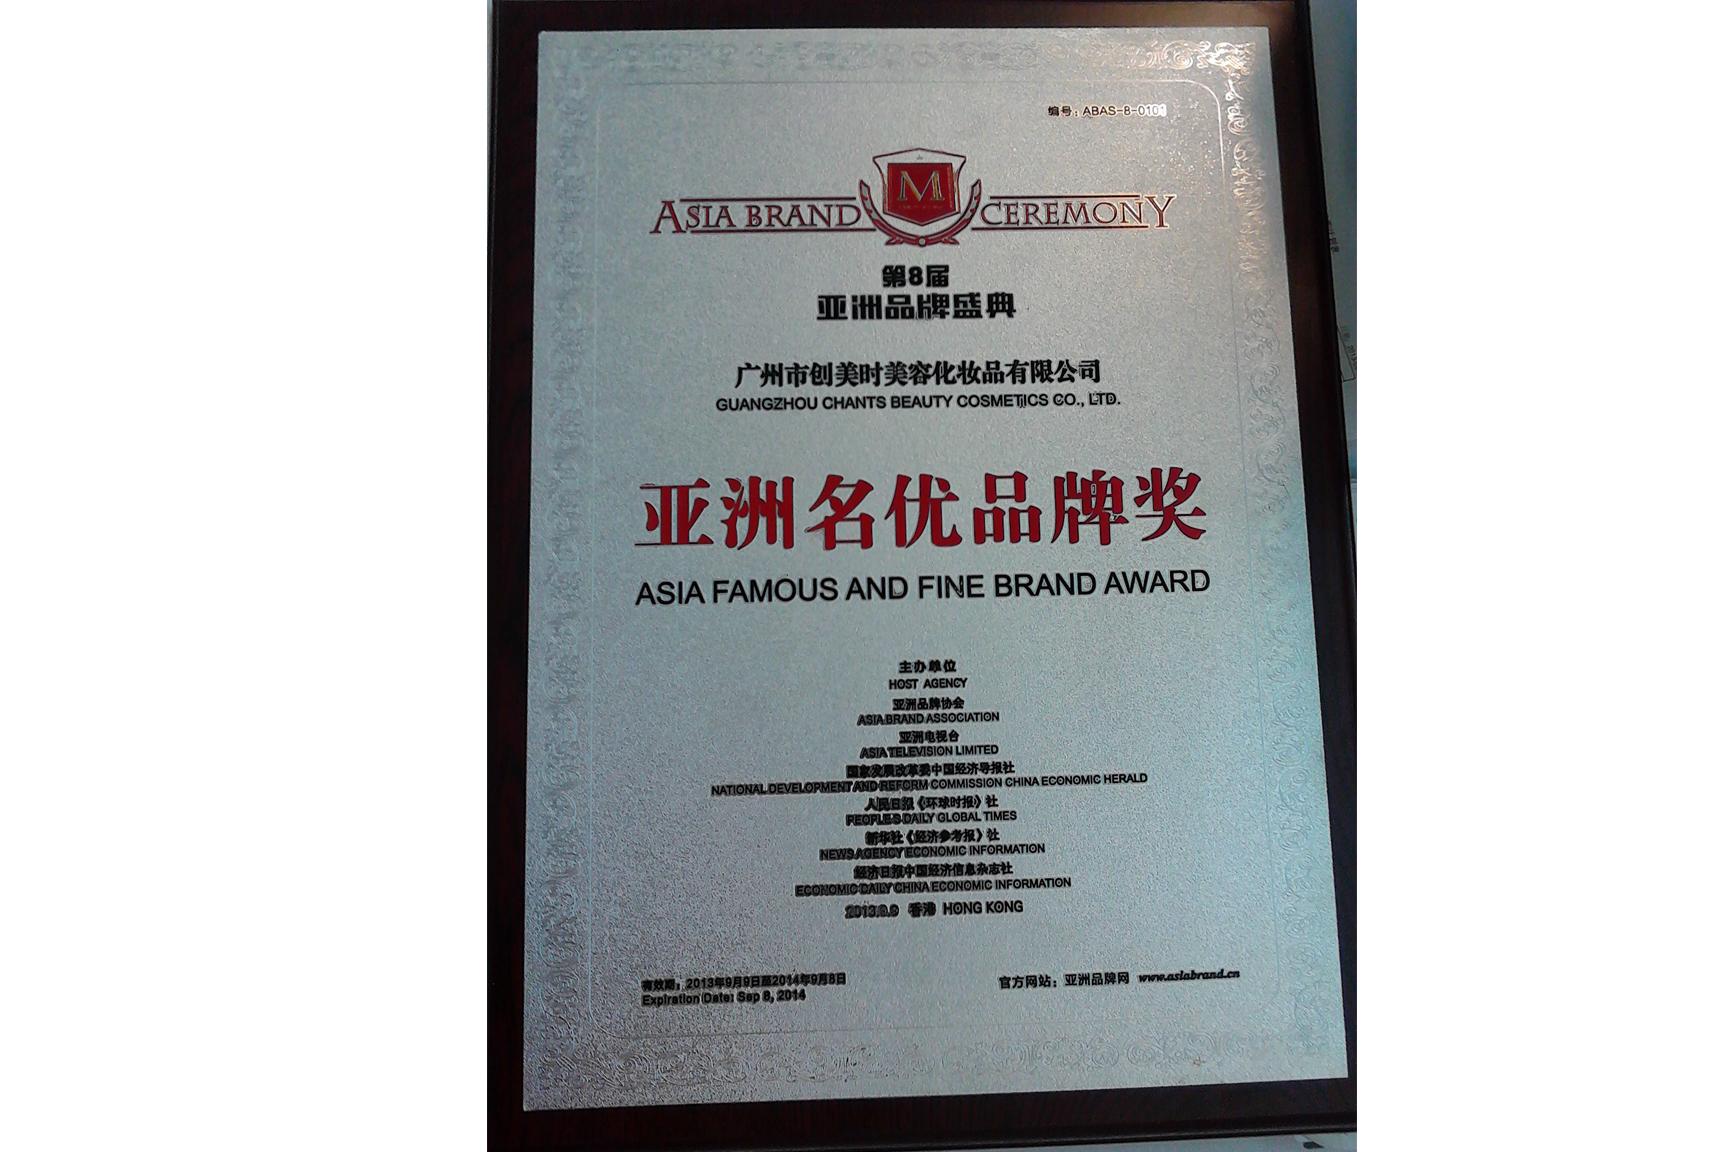 2013年亚洲名优品牌奖